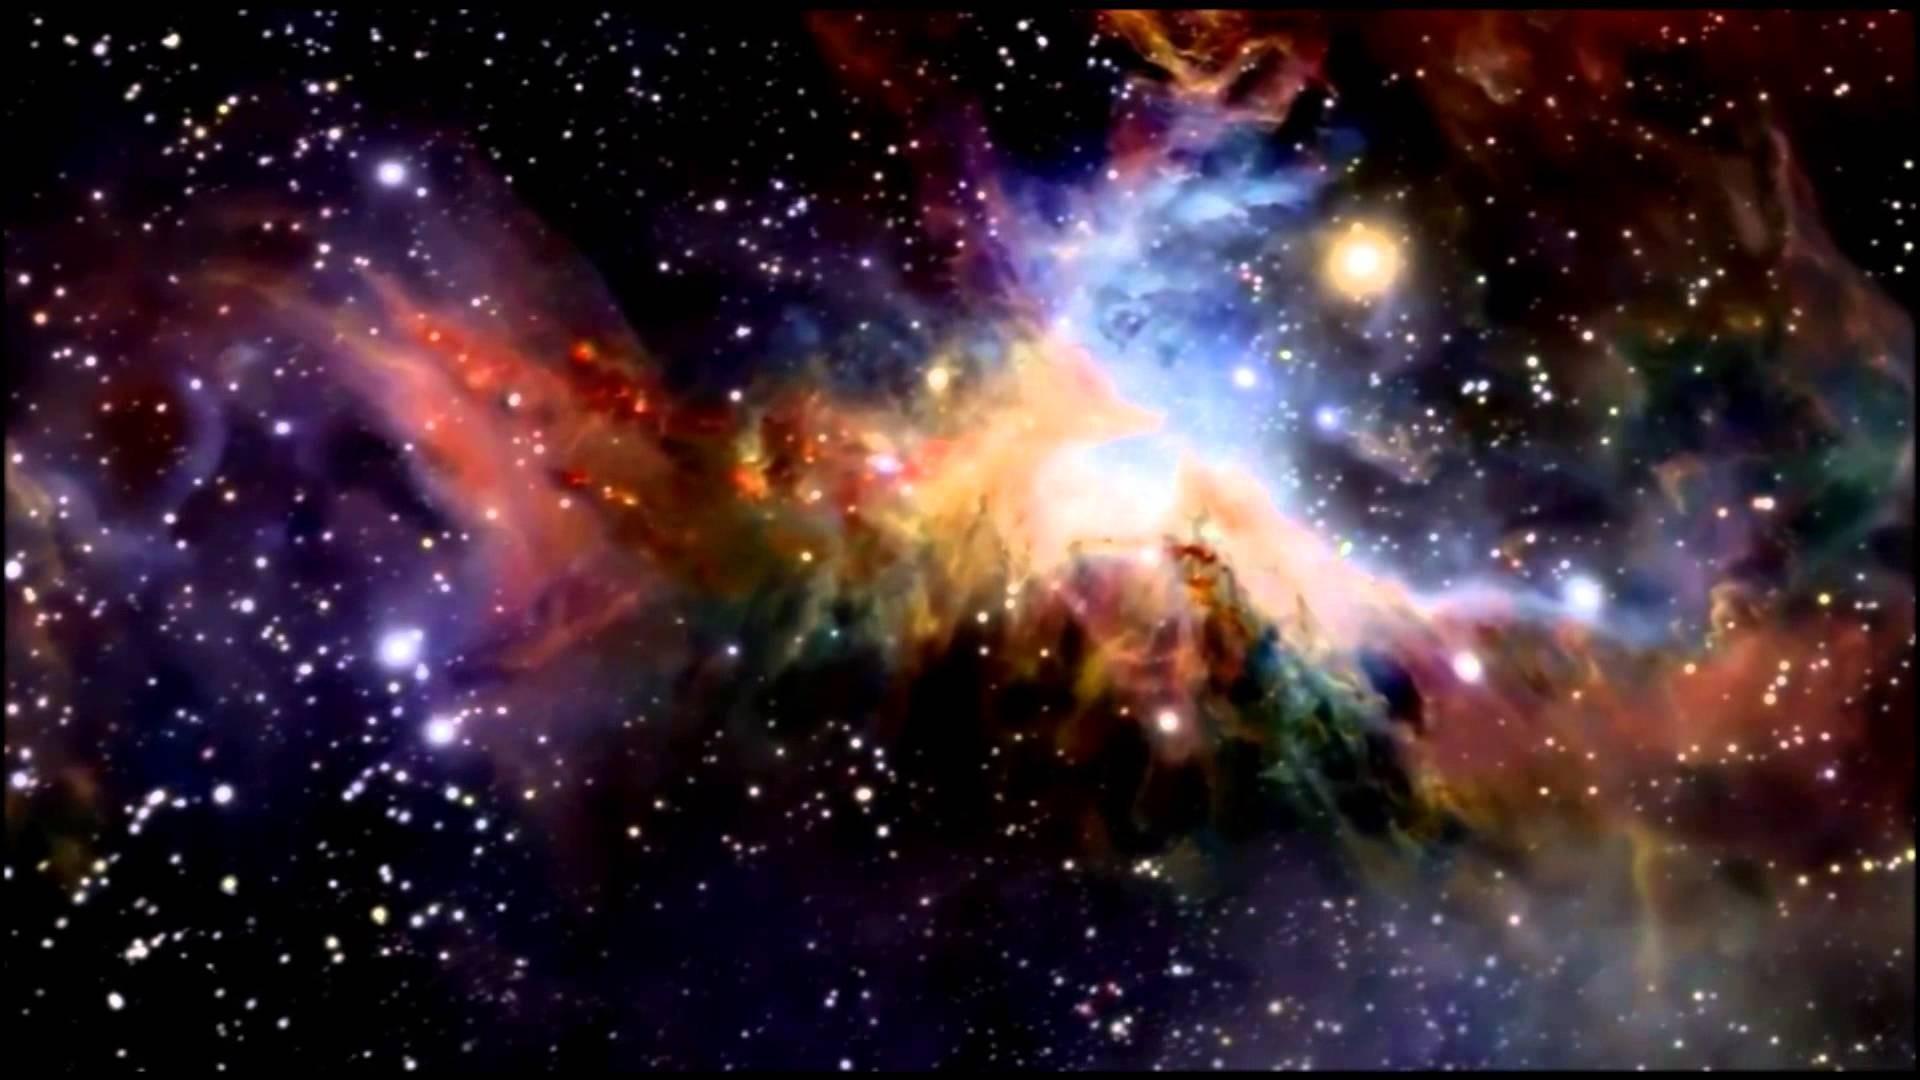 Breathtaking Nasa Hubble Space Hd Wallpapers: L'espansione Dell'Universo Ci Porterà A Una Nuova Fisica